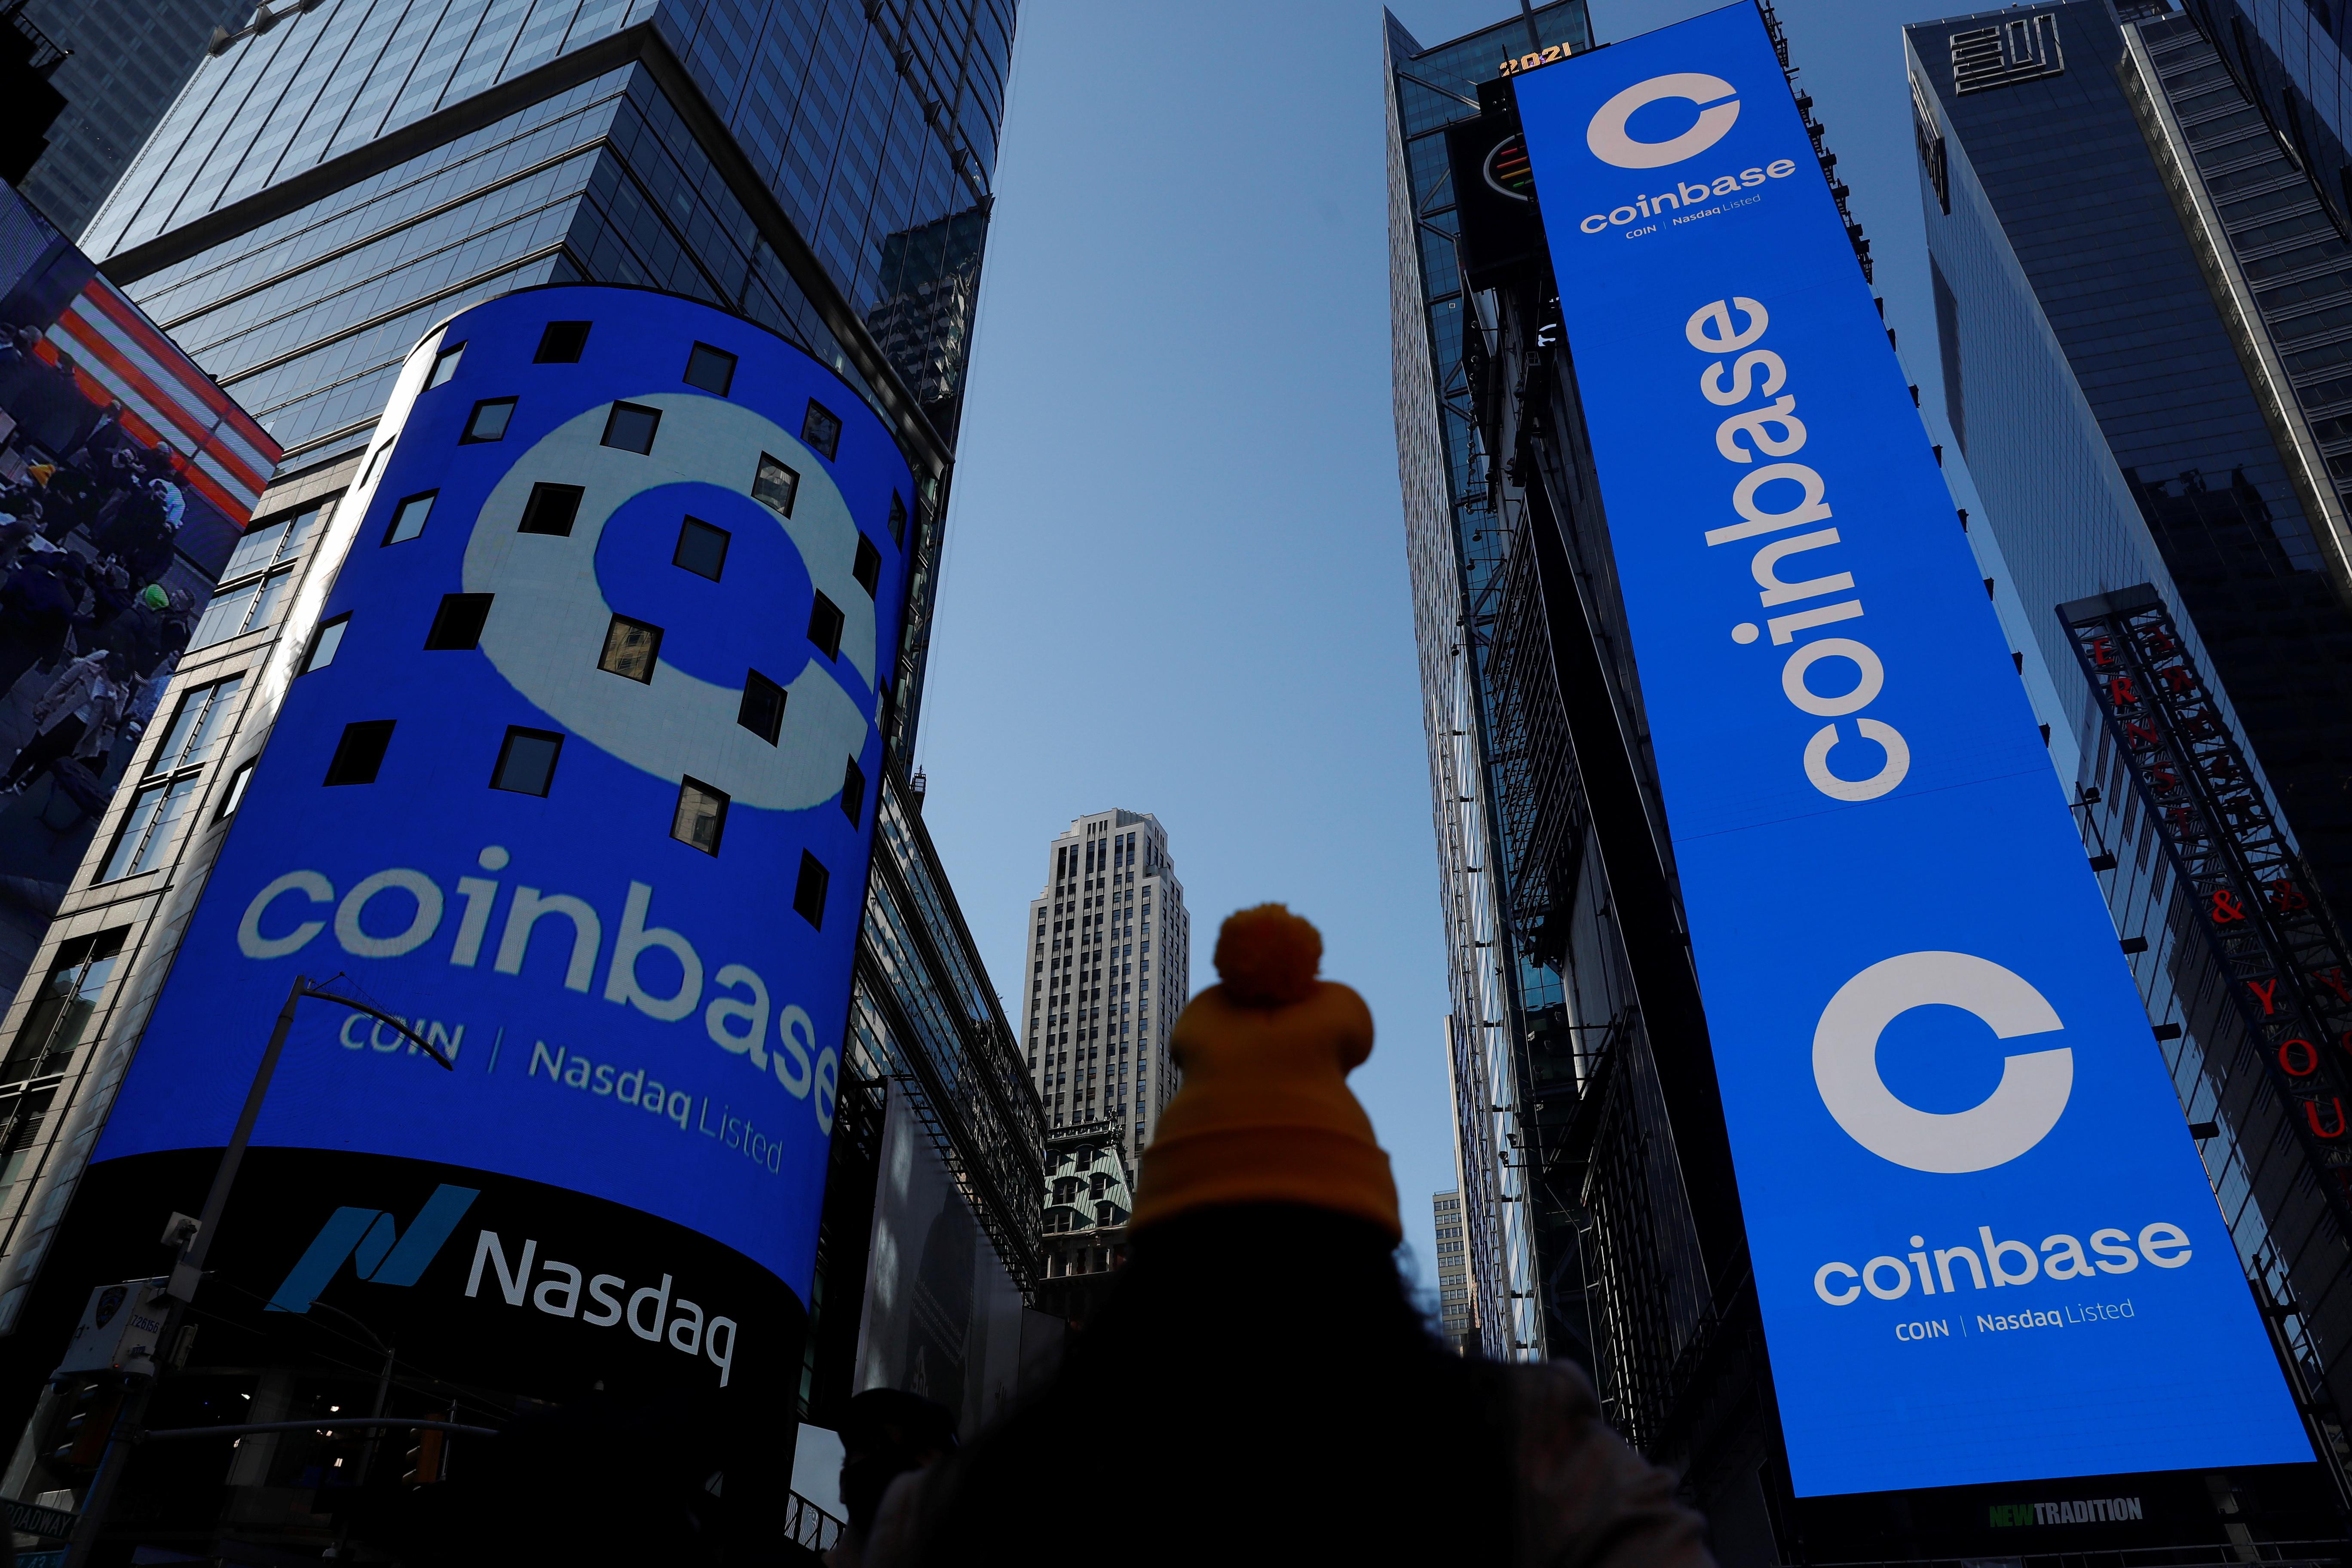 El logotipo de Coinbase en las pantallas de la sede del Nasdaq.